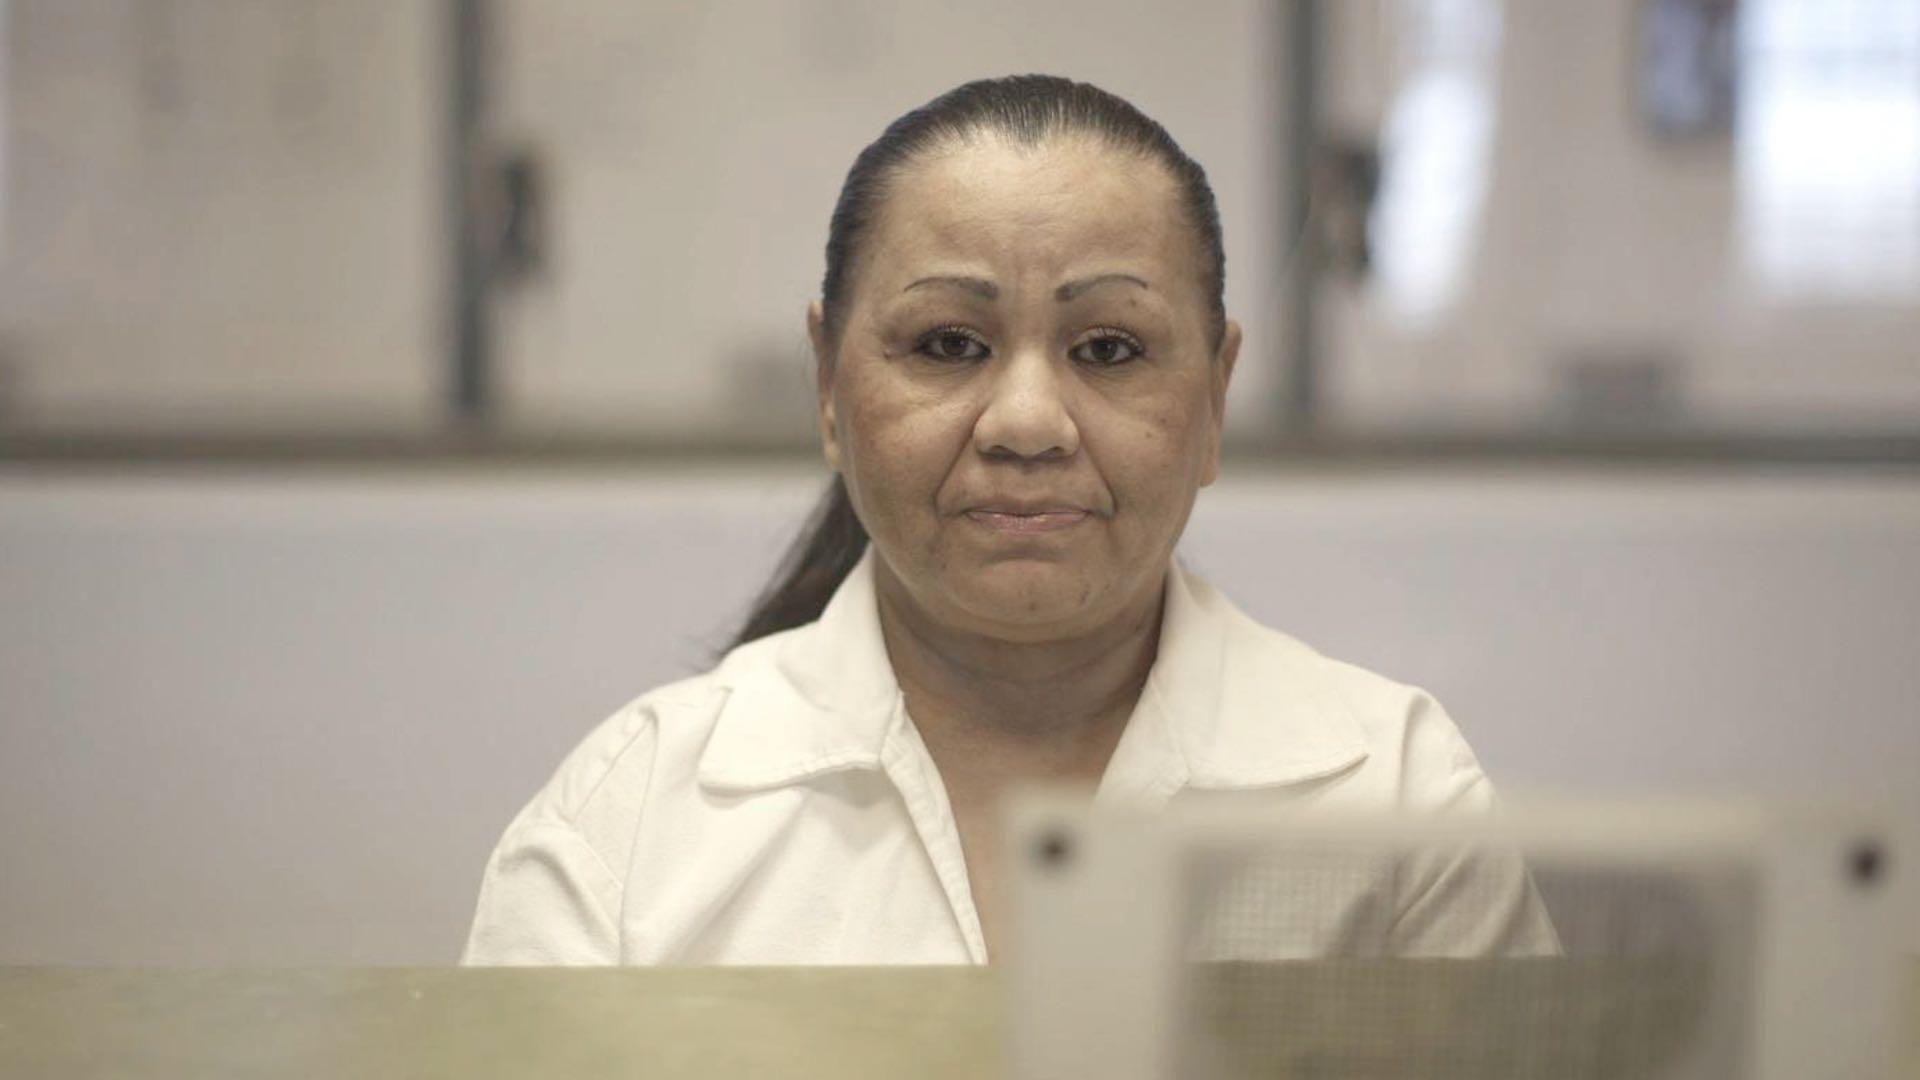 L'histoire tragique de Melissa Lucio, dans le couloir la mort depuis 13 ans après le décès de sa fille